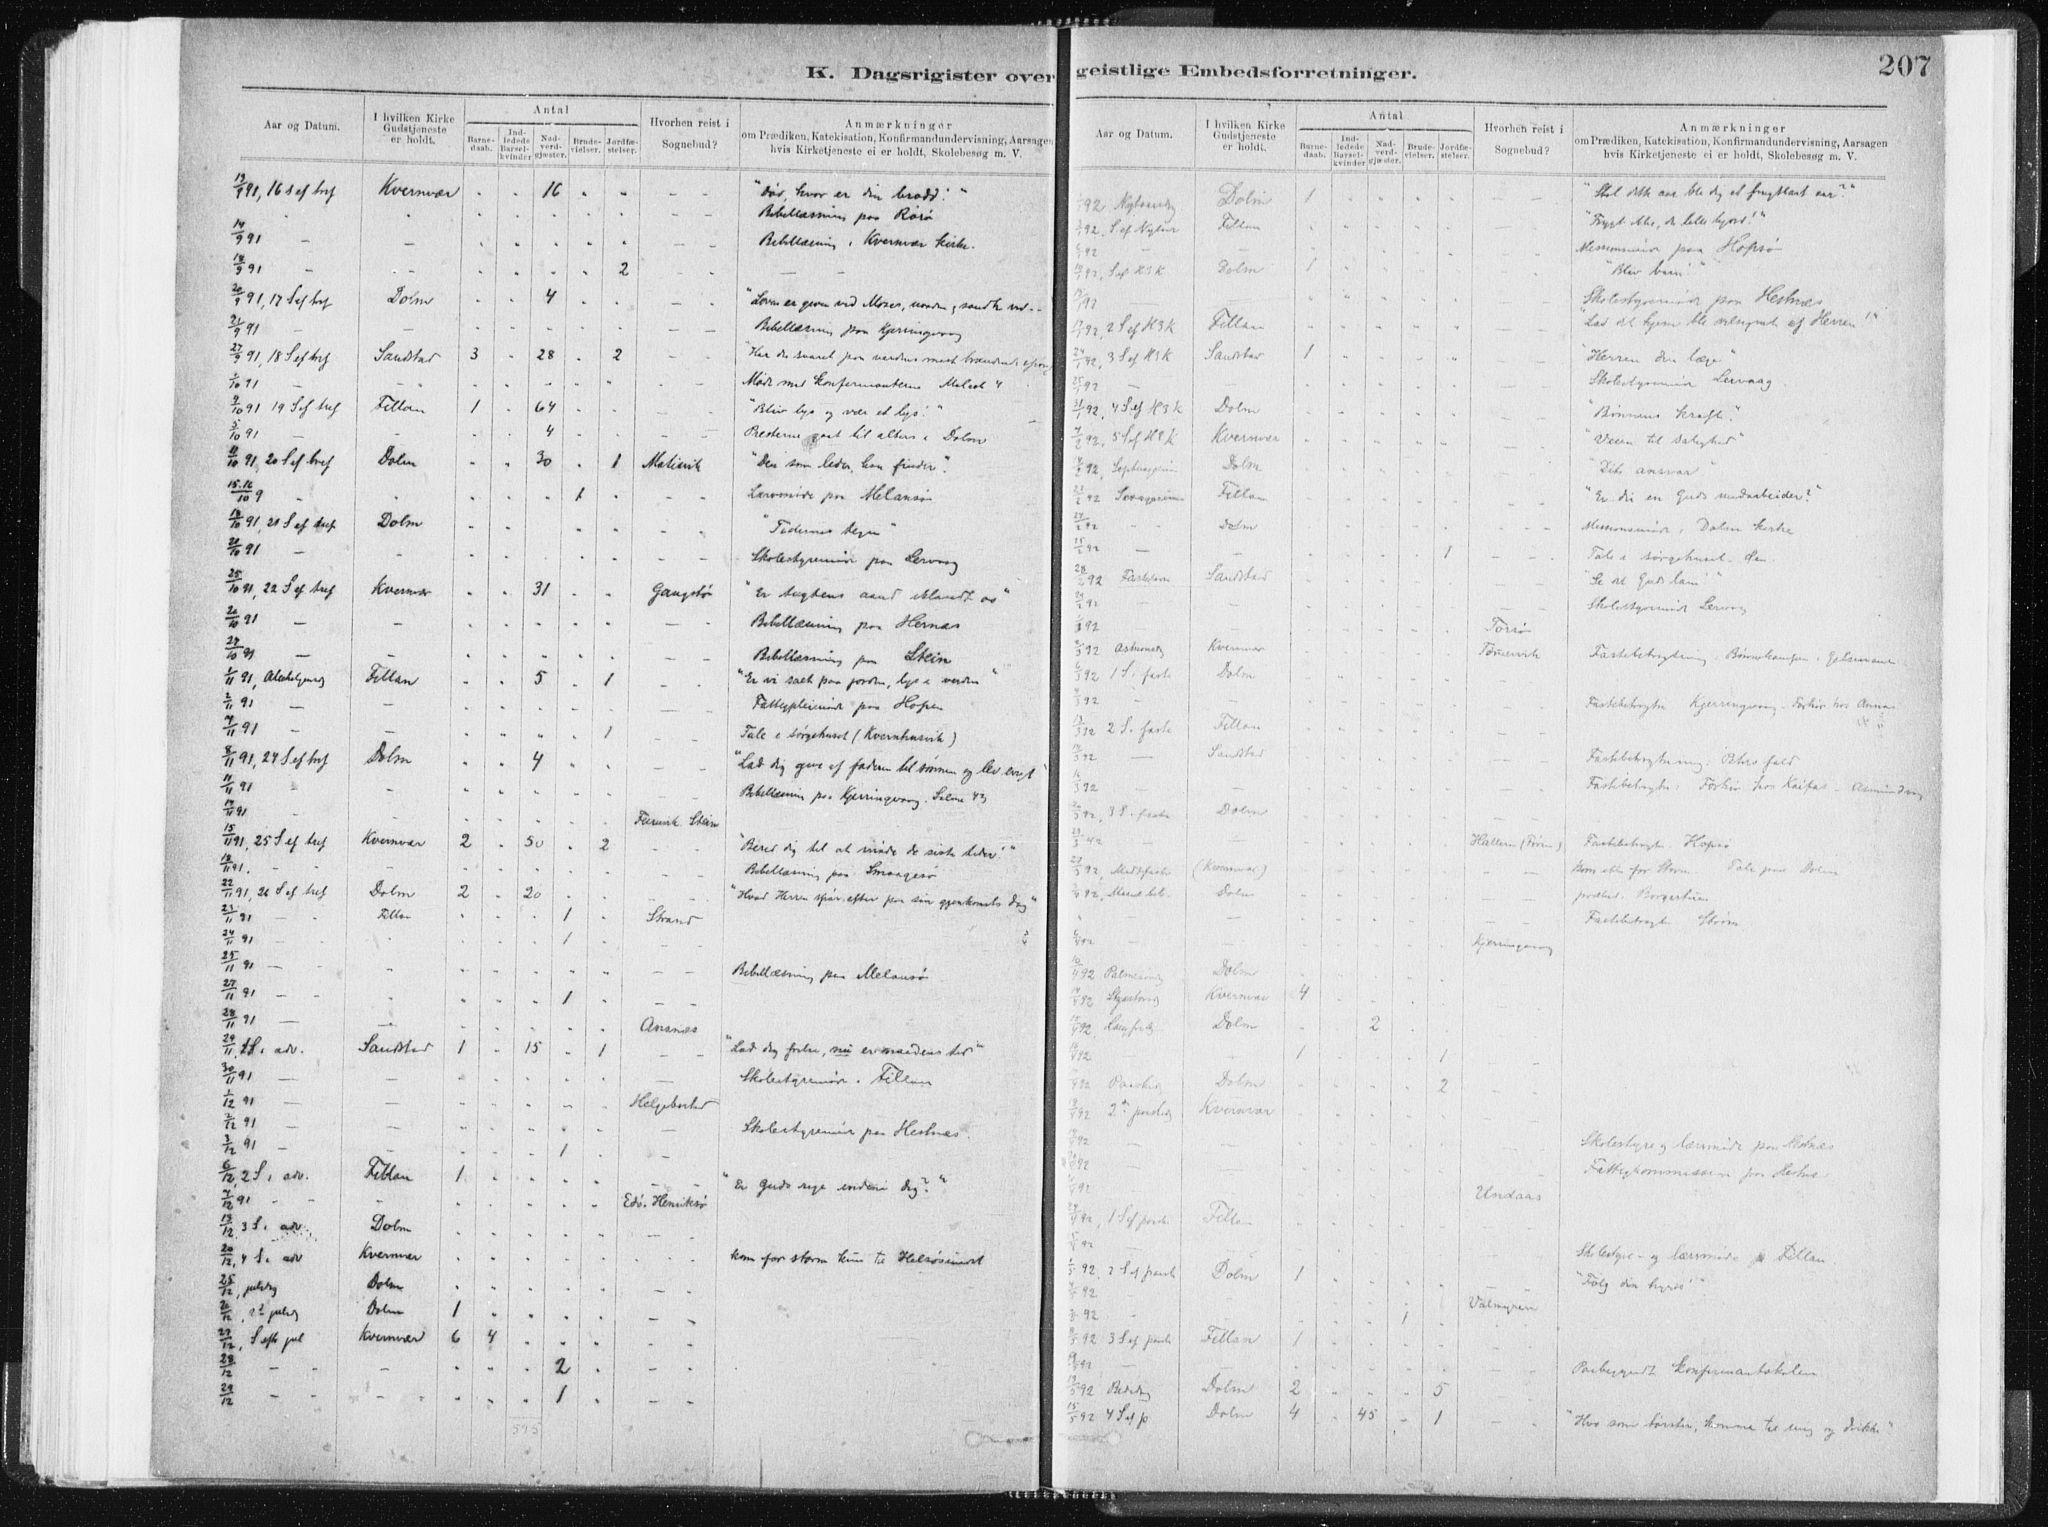 SAT, Ministerialprotokoller, klokkerbøker og fødselsregistre - Sør-Trøndelag, 634/L0533: Ministerialbok nr. 634A09, 1882-1901, s. 207